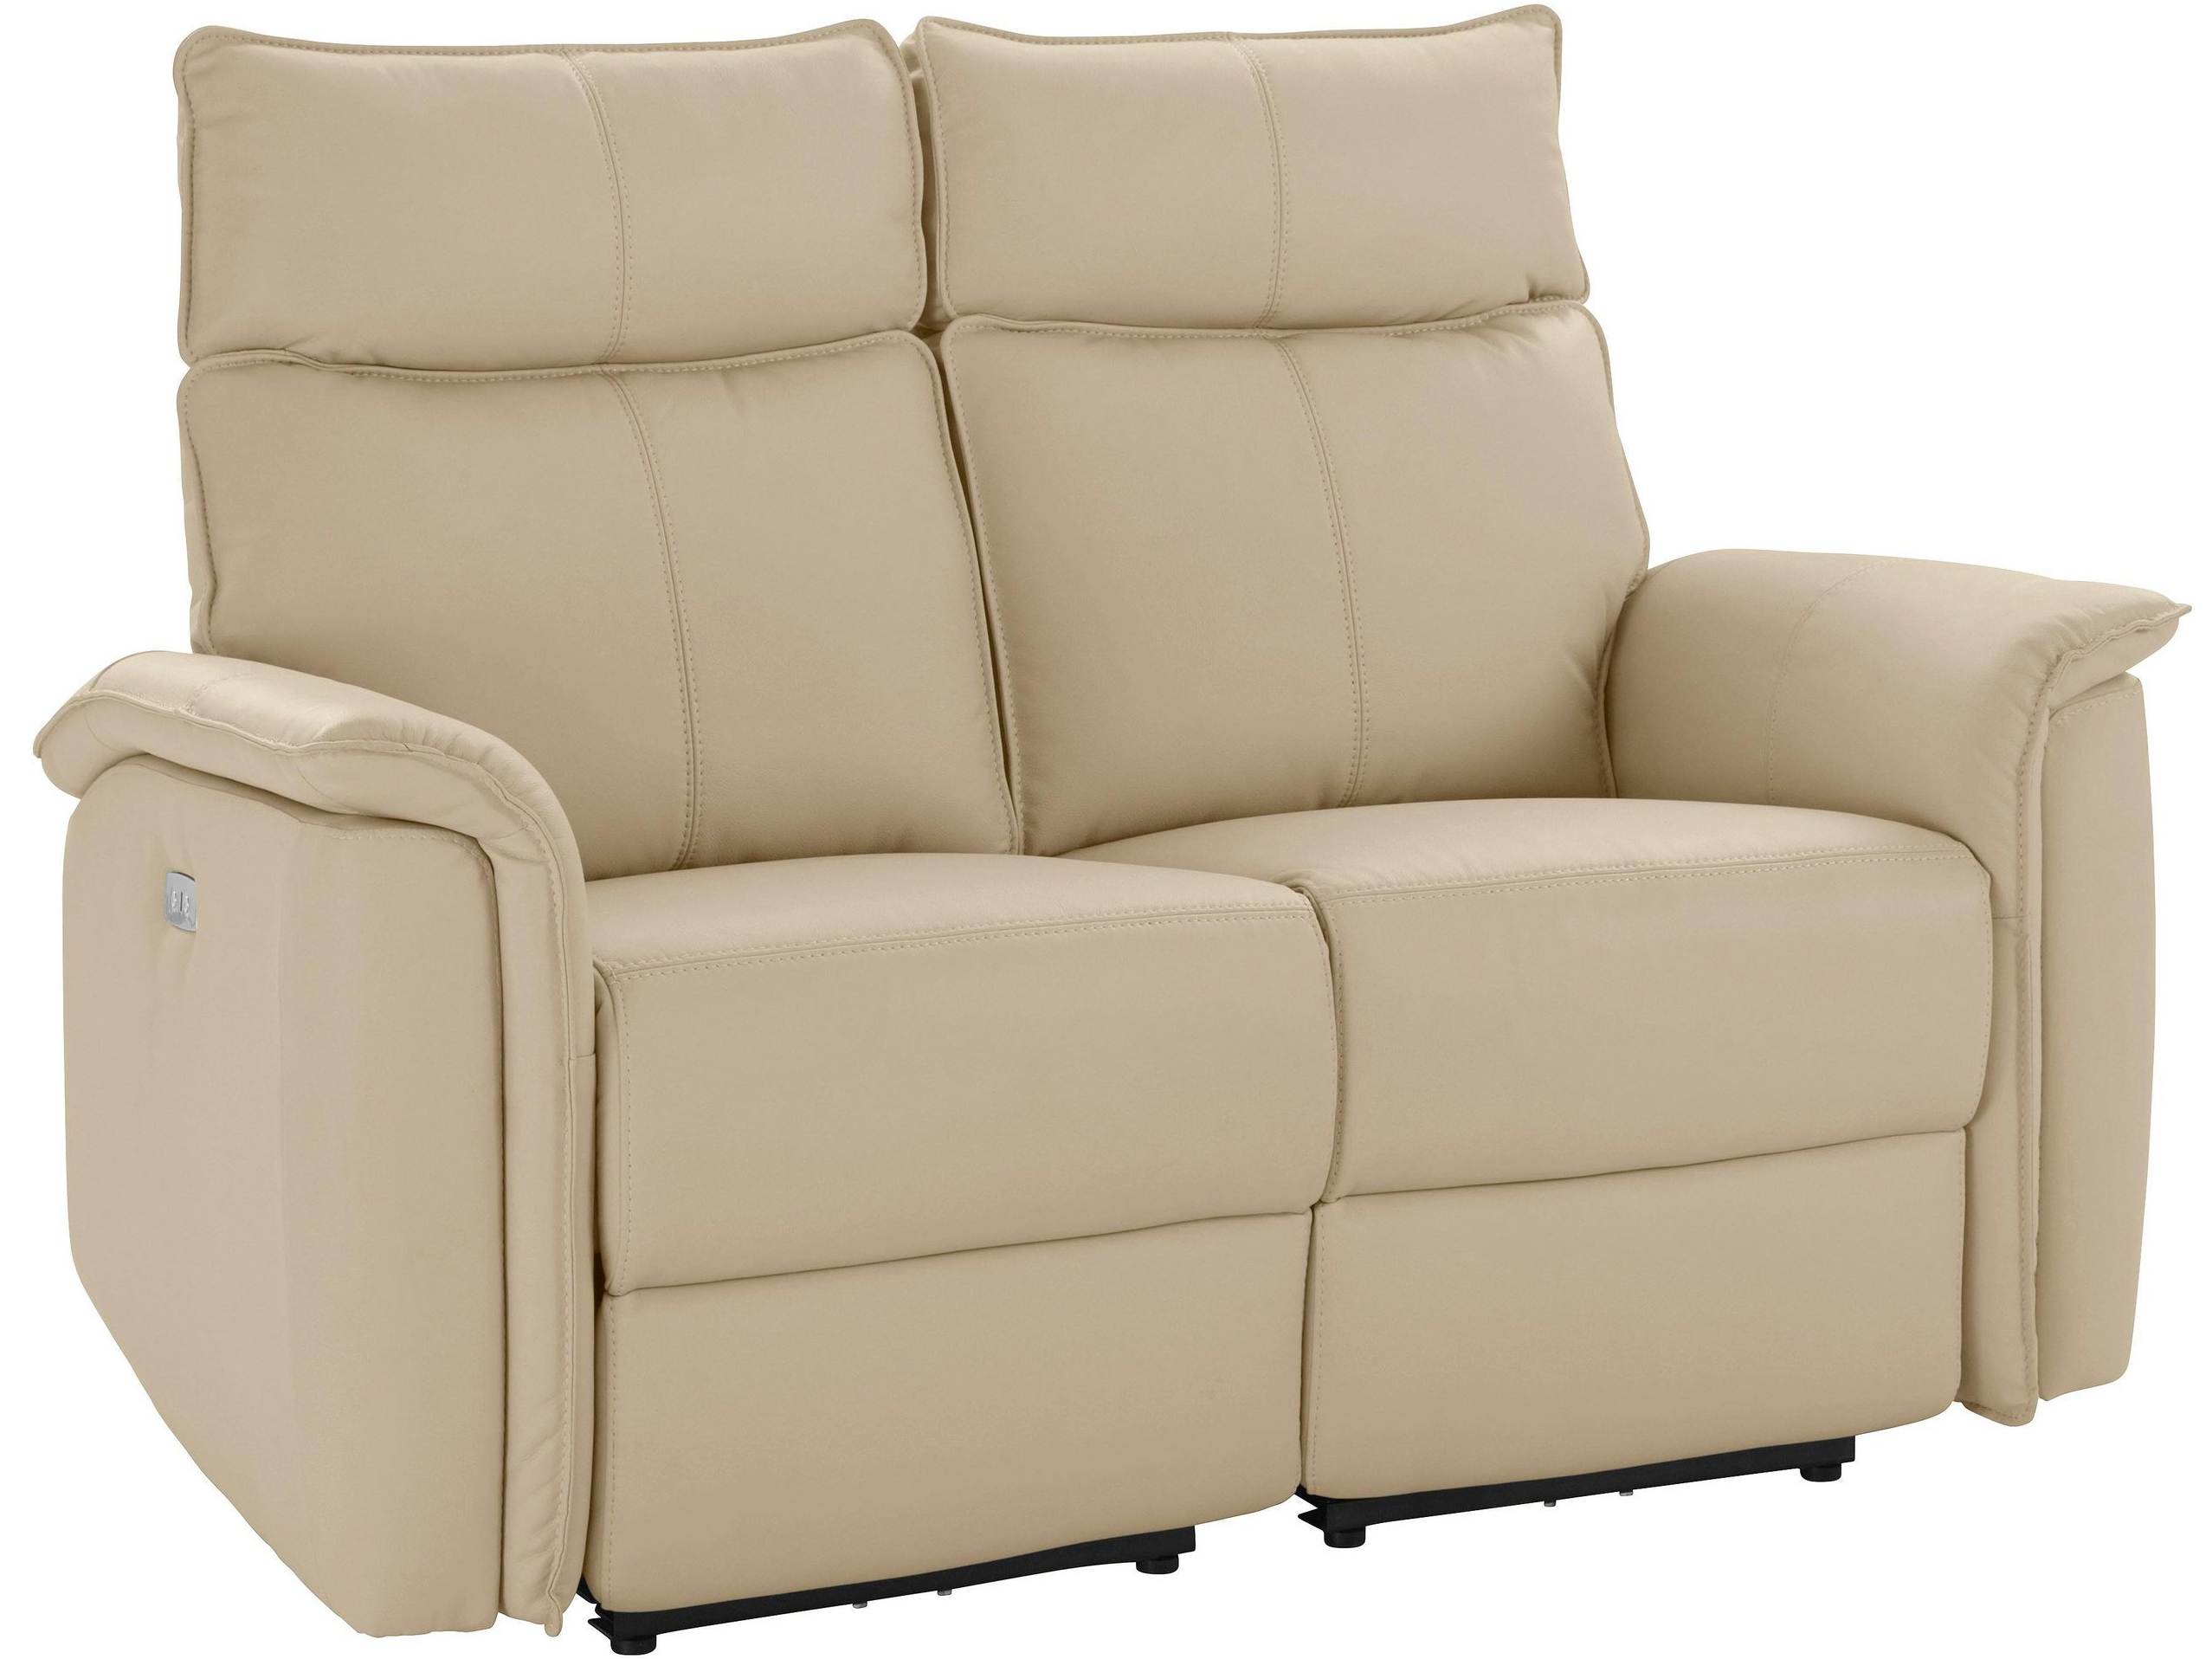 Leder Einzelsofa - Beige   Sofas zum halben Preis